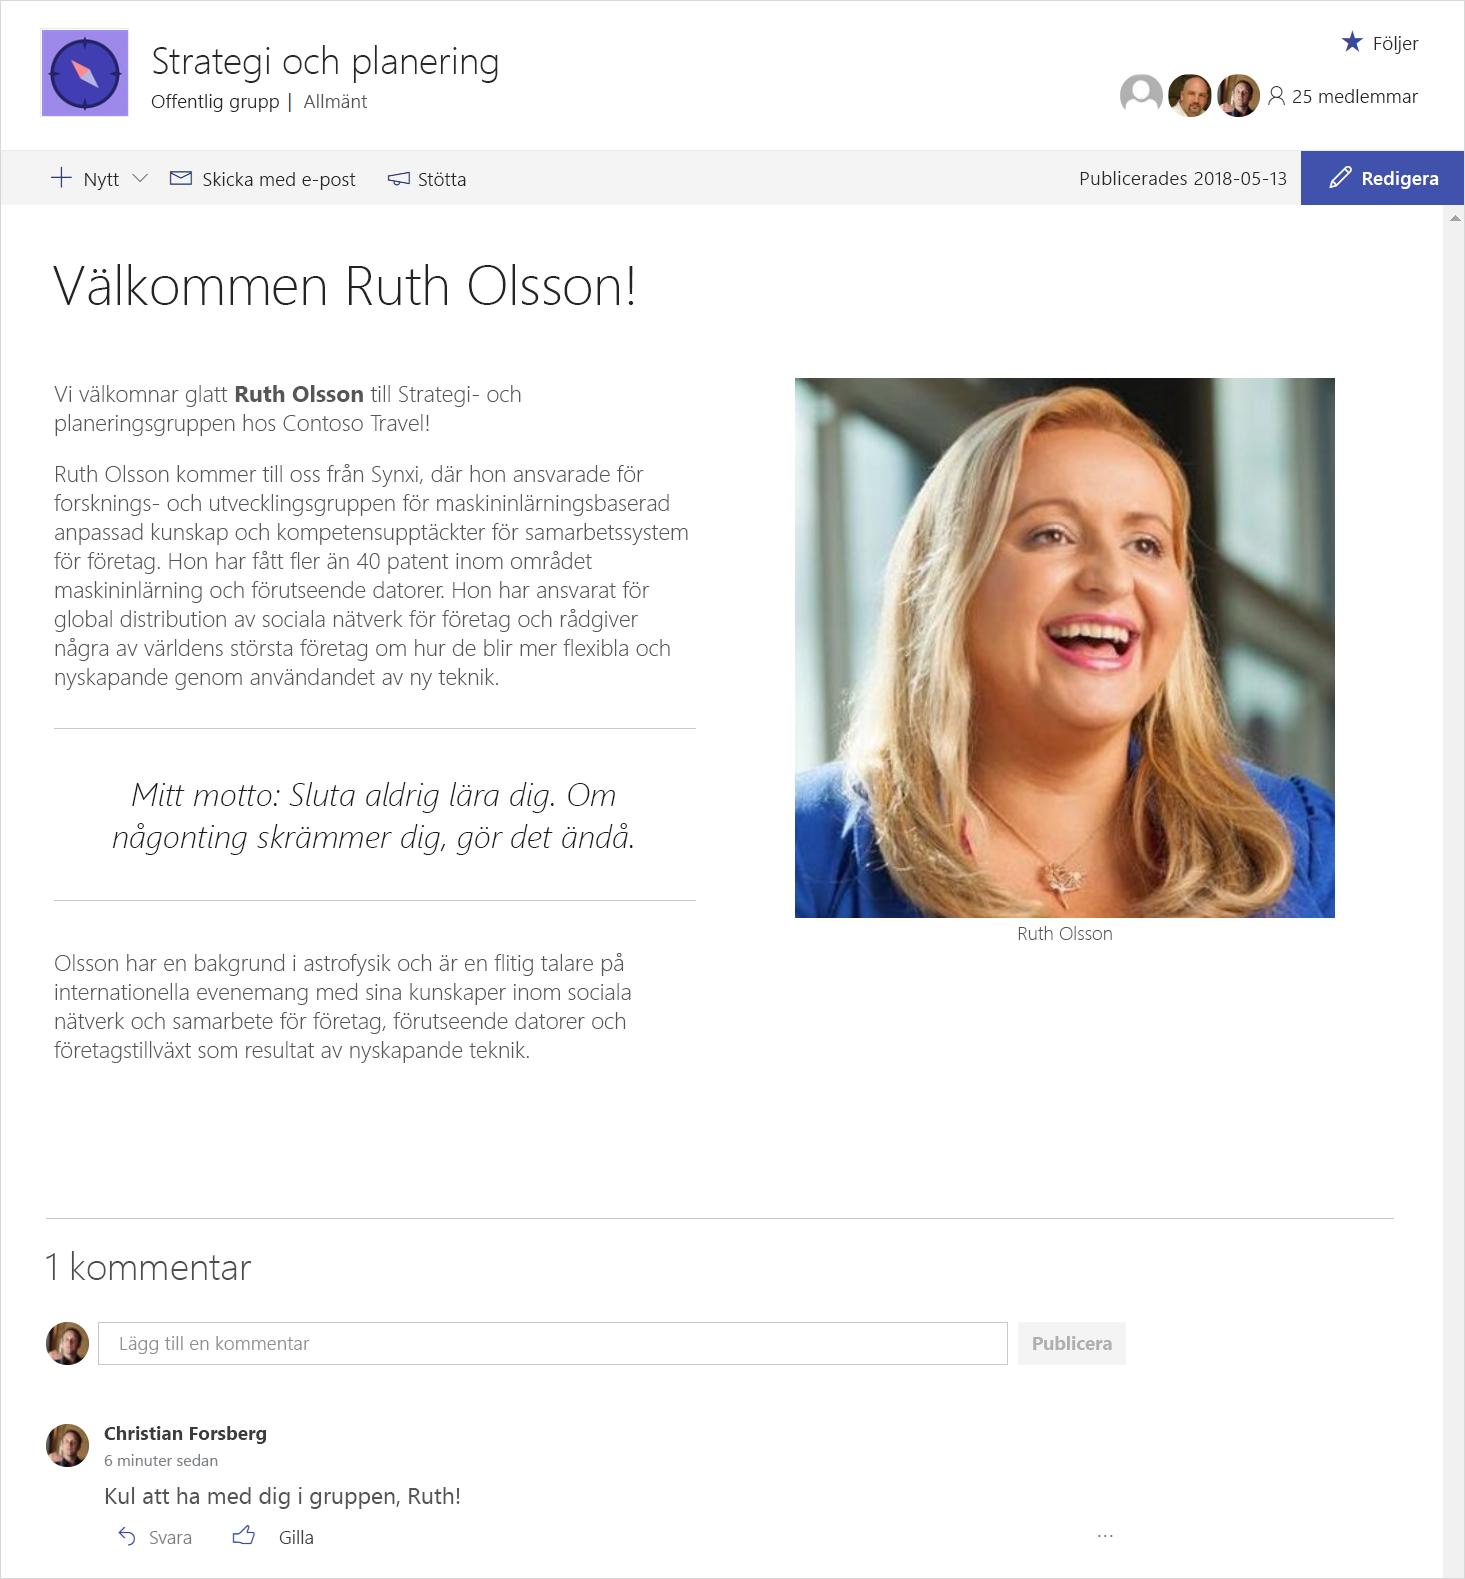 En skärmbild med SharePoint-nyheter, som använder sidor och webbdelar med omfattande, dynamiskt innehåll för att hålla alla uppdaterade.